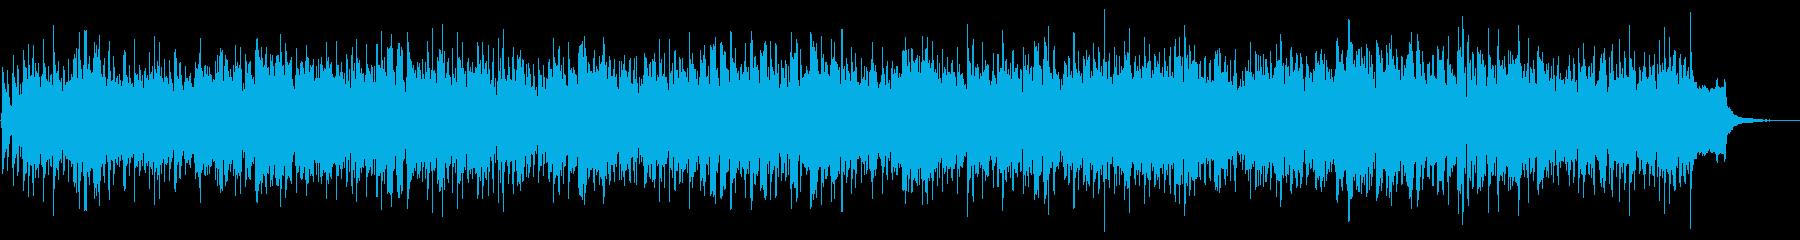 軽快なフィドルソロ、ブルーグラスの再生済みの波形